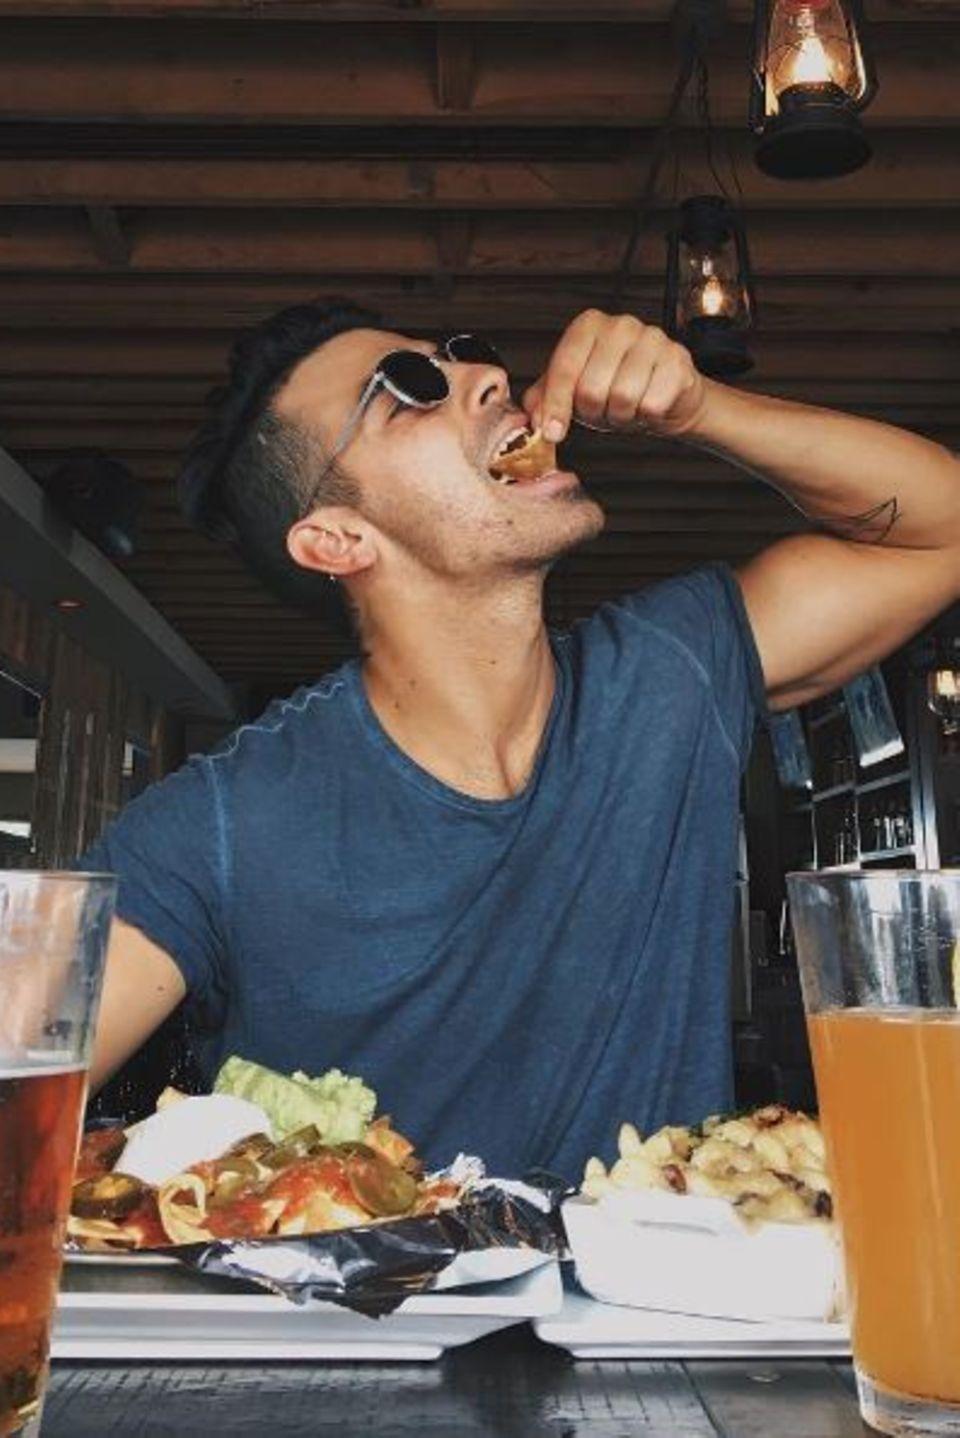 Joe Jones hat Spaß beim Essen, er verputzt eine riesige Mahlzeit und genießt jeden Bissen.